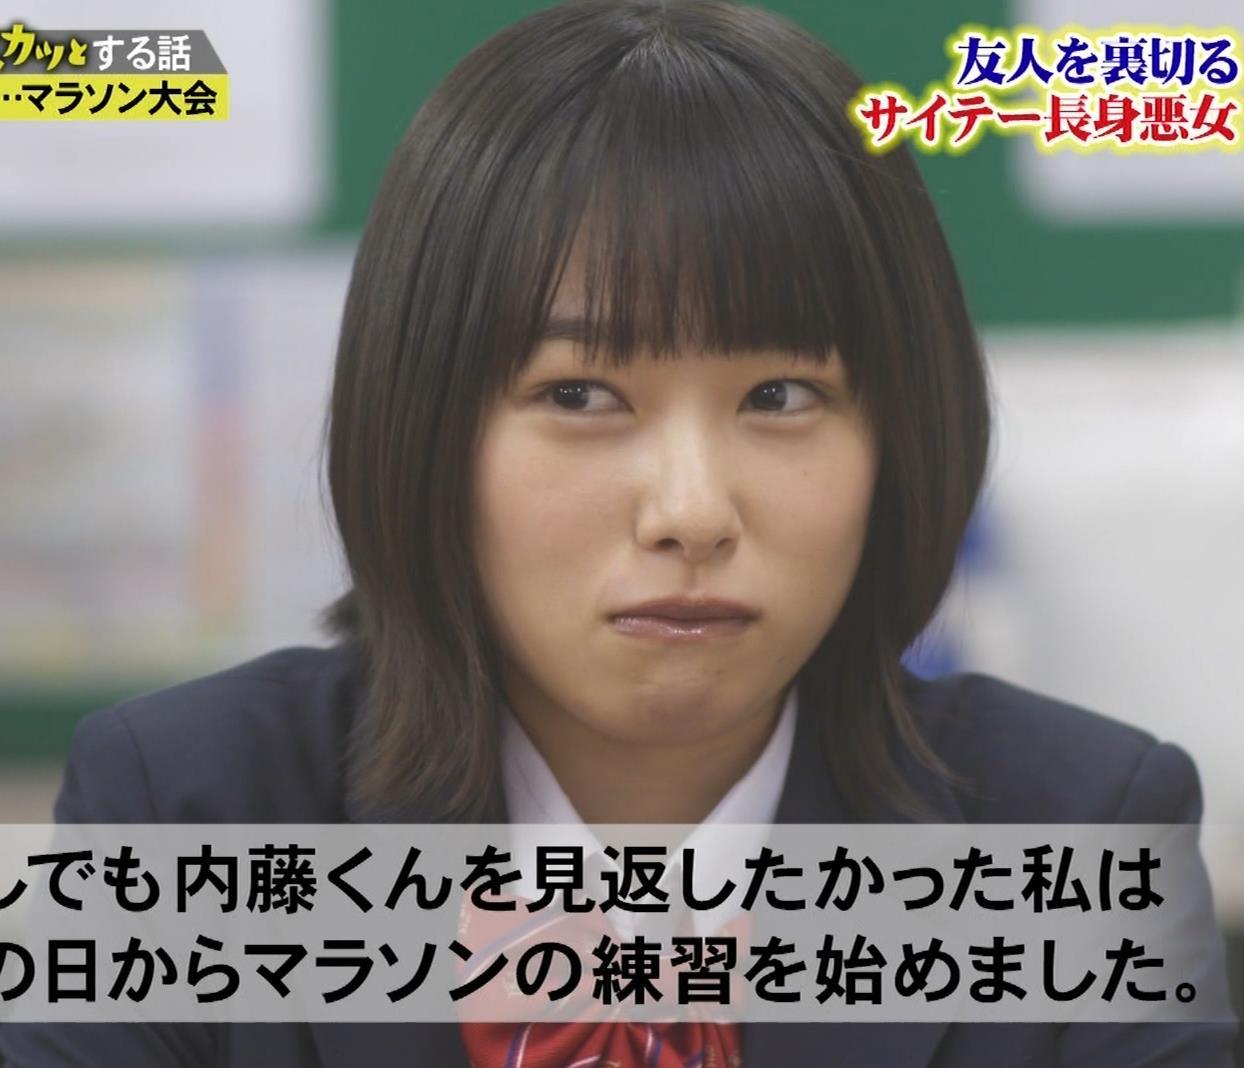 桜井日奈子 (女子高生役)体操服で脚露出キャプ・エロ画像5